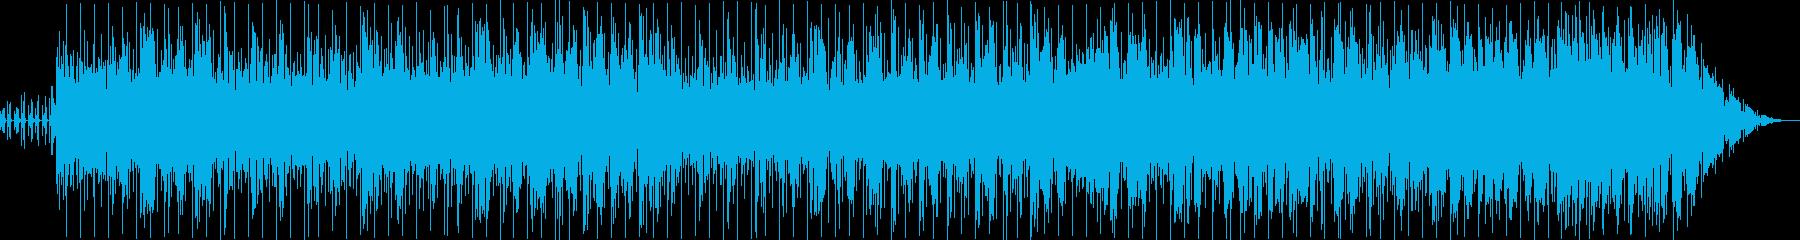 スムースジャズ、クール、メロー、ソ...の再生済みの波形